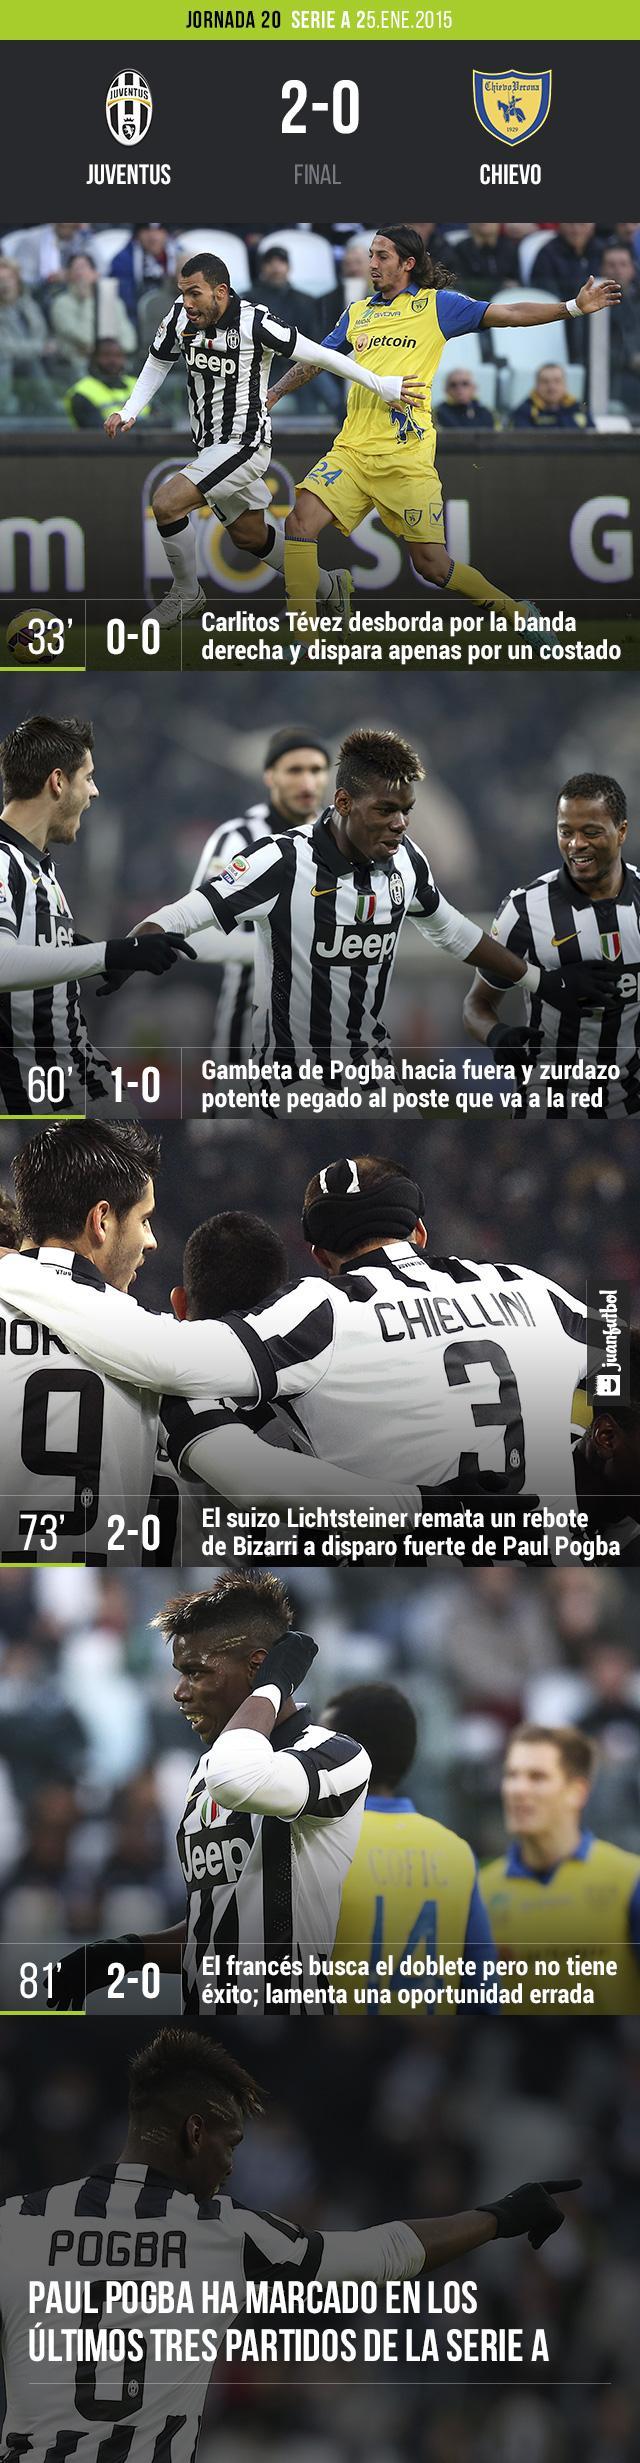 La Juventus vence 2-0 al Chievo Verona por 2-0 con goles de Pogba y Lichtsteiner